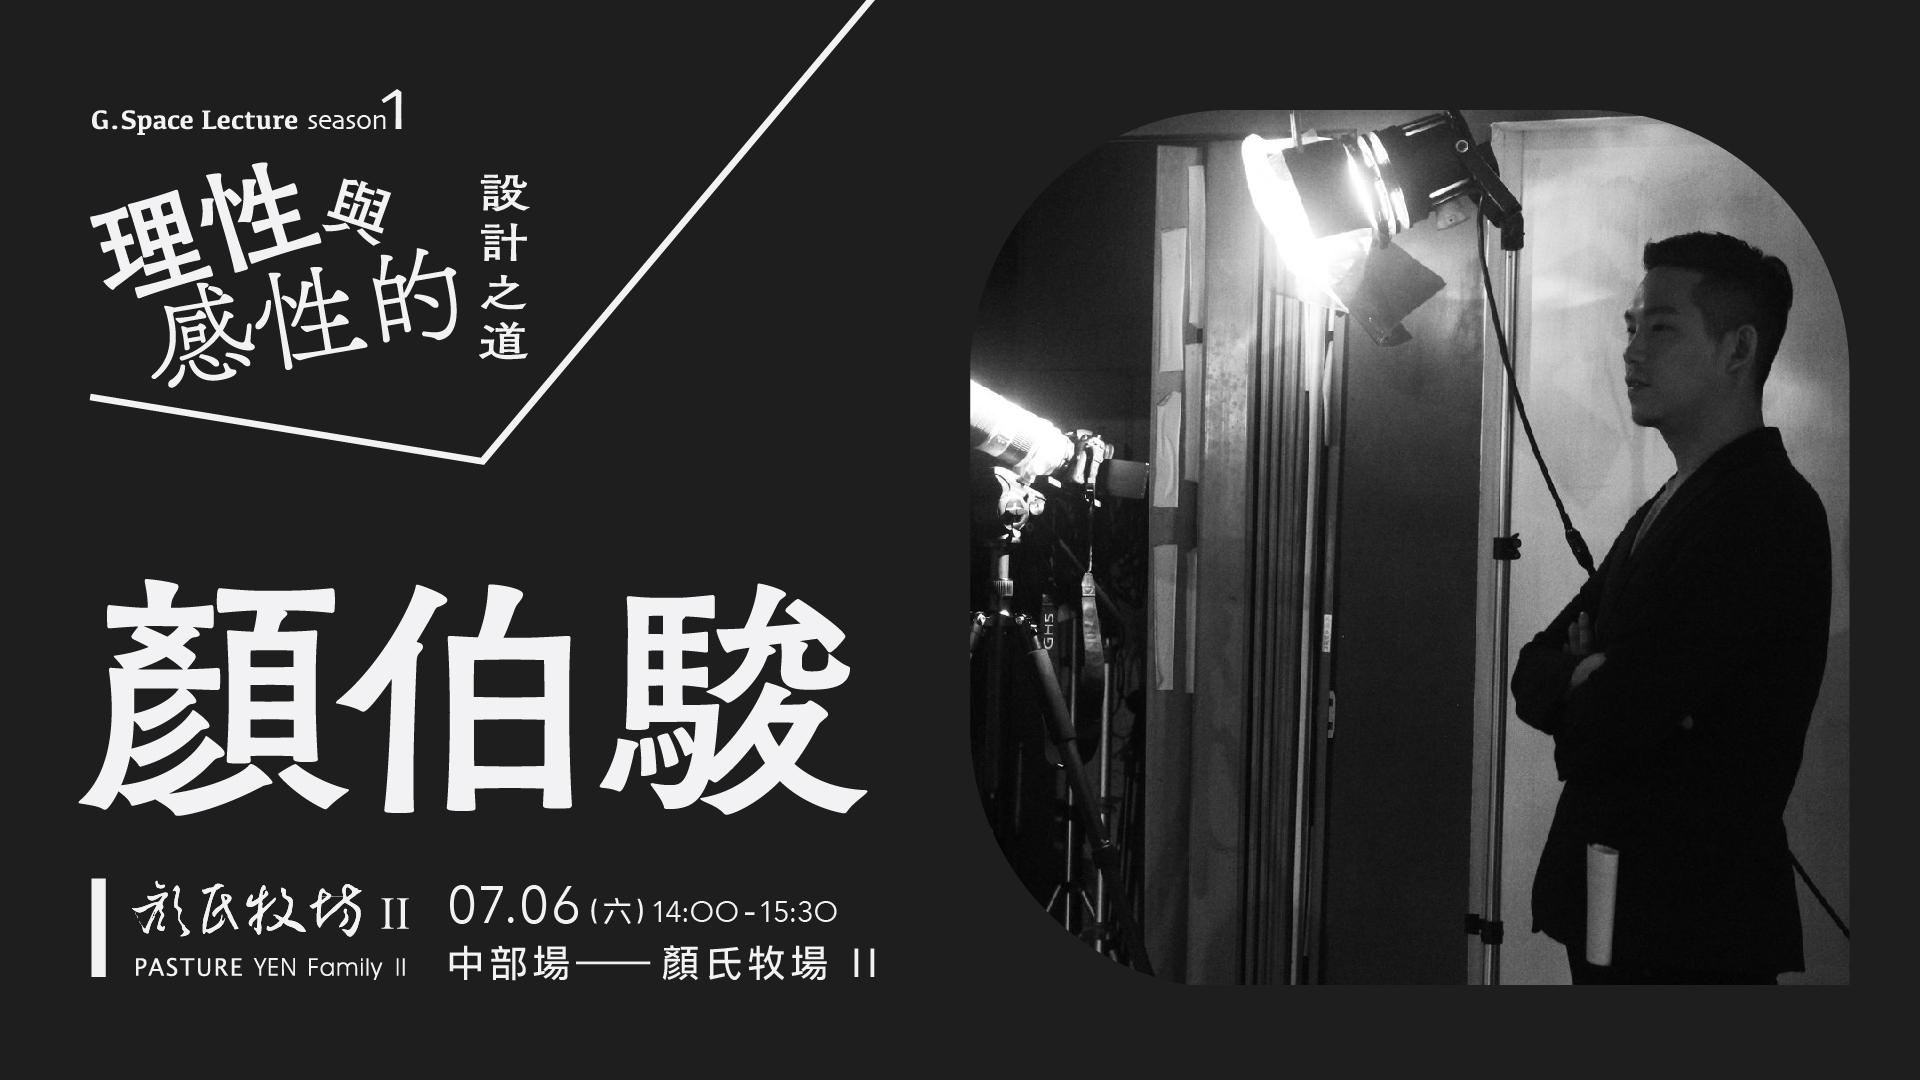 理性與感性的設計之道-2_顏伯駿-1920x1080px-台中.jpg